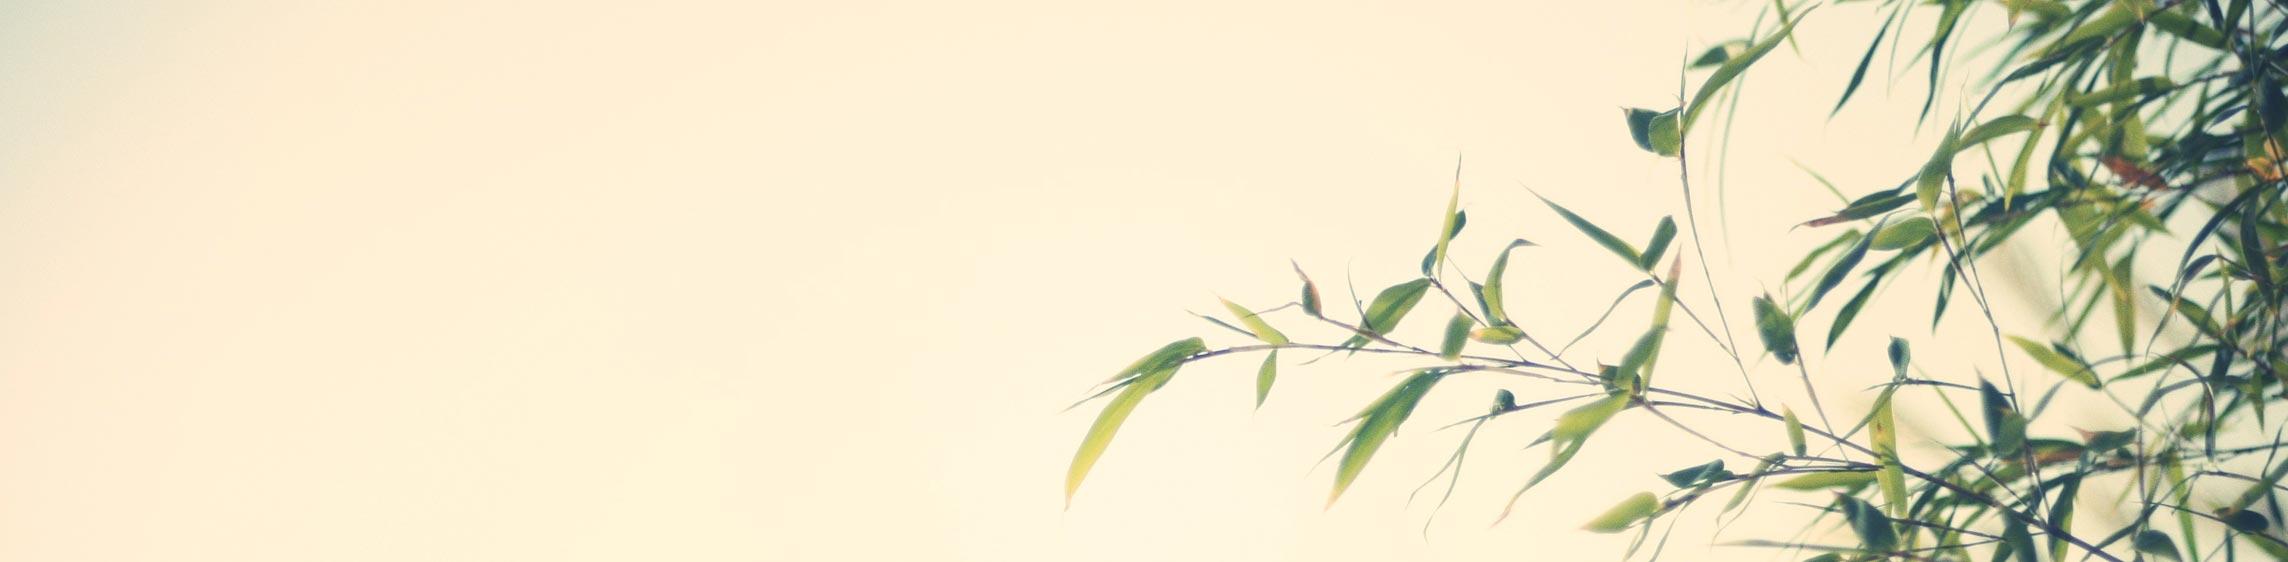 Spezial-Importe für Baumschulbedarf und Obstbau